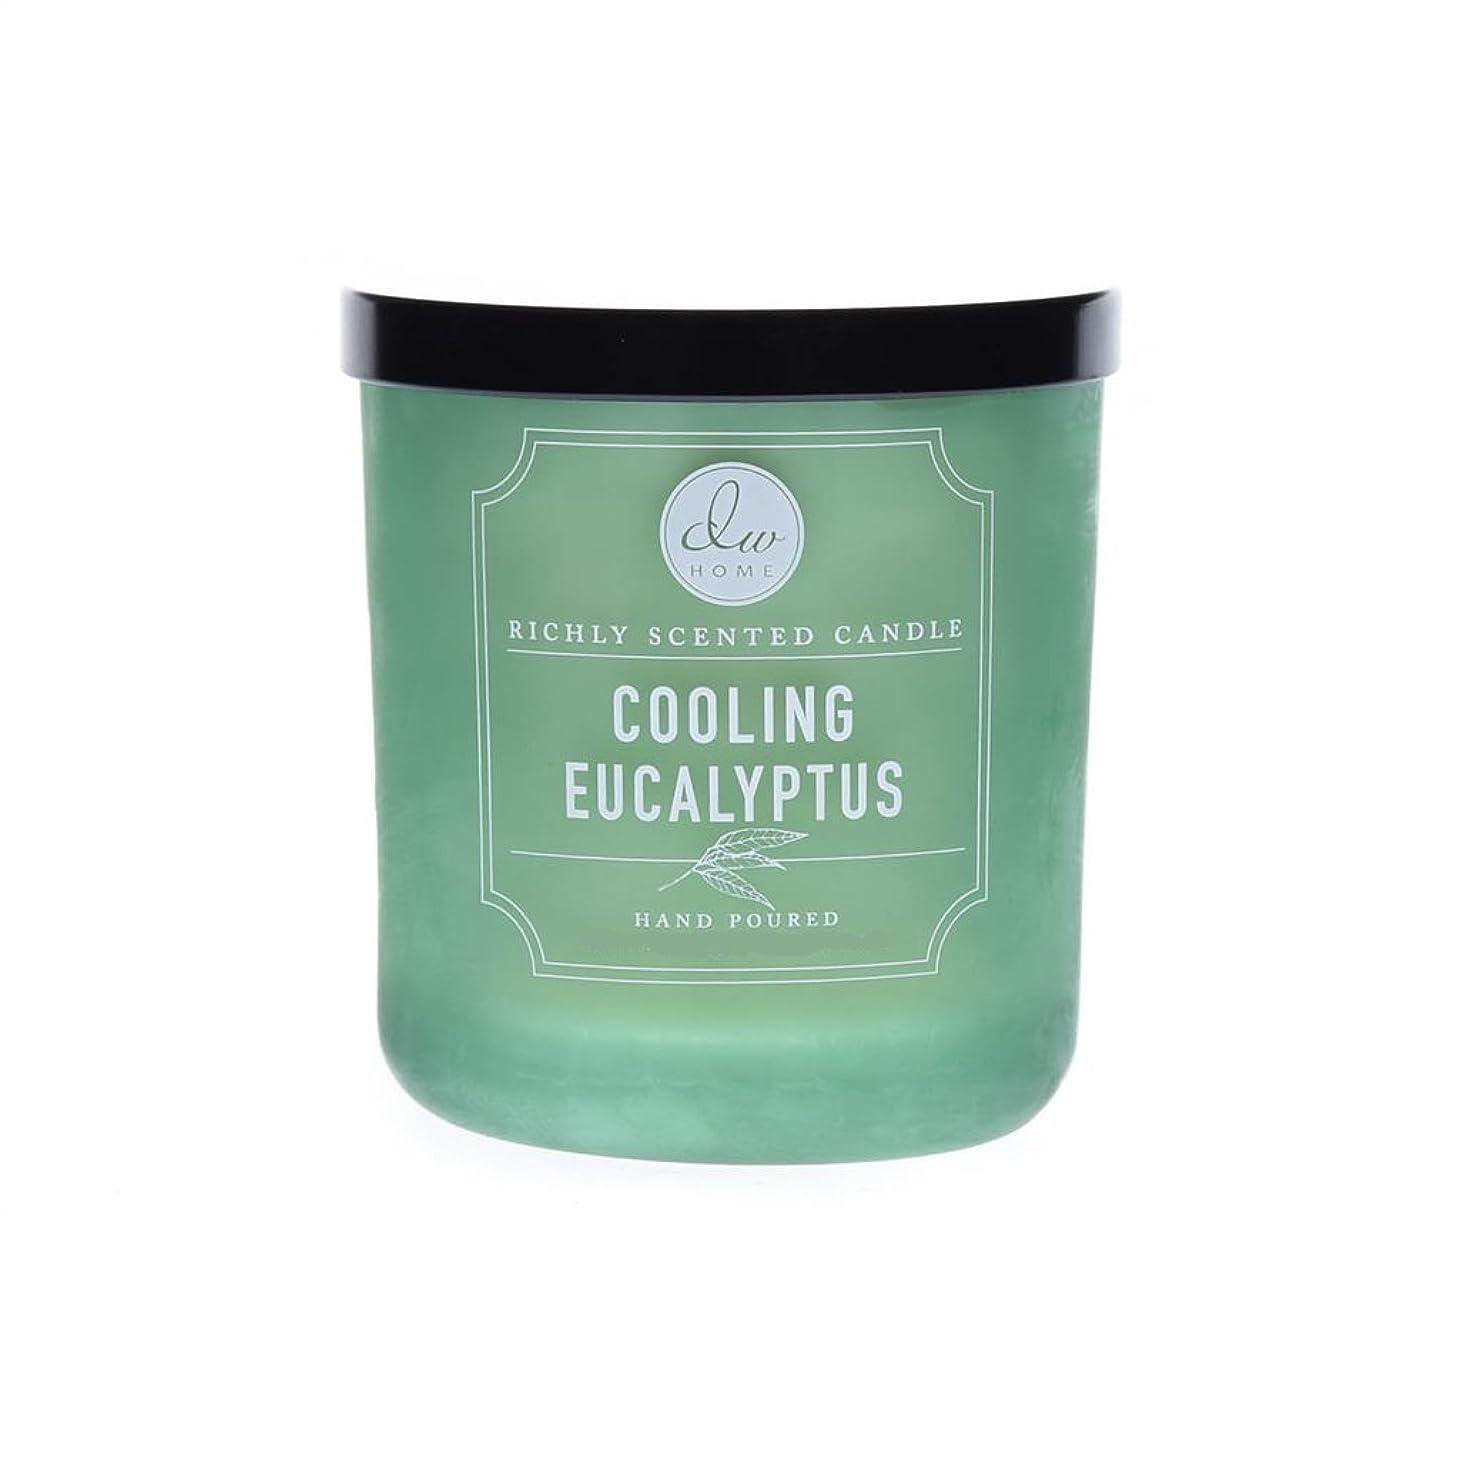 農奴ギャロップ疑問を超えてDWホーム冷却ユーカリ豊かな香りCandle Small Single Wick Hand Poure。。。